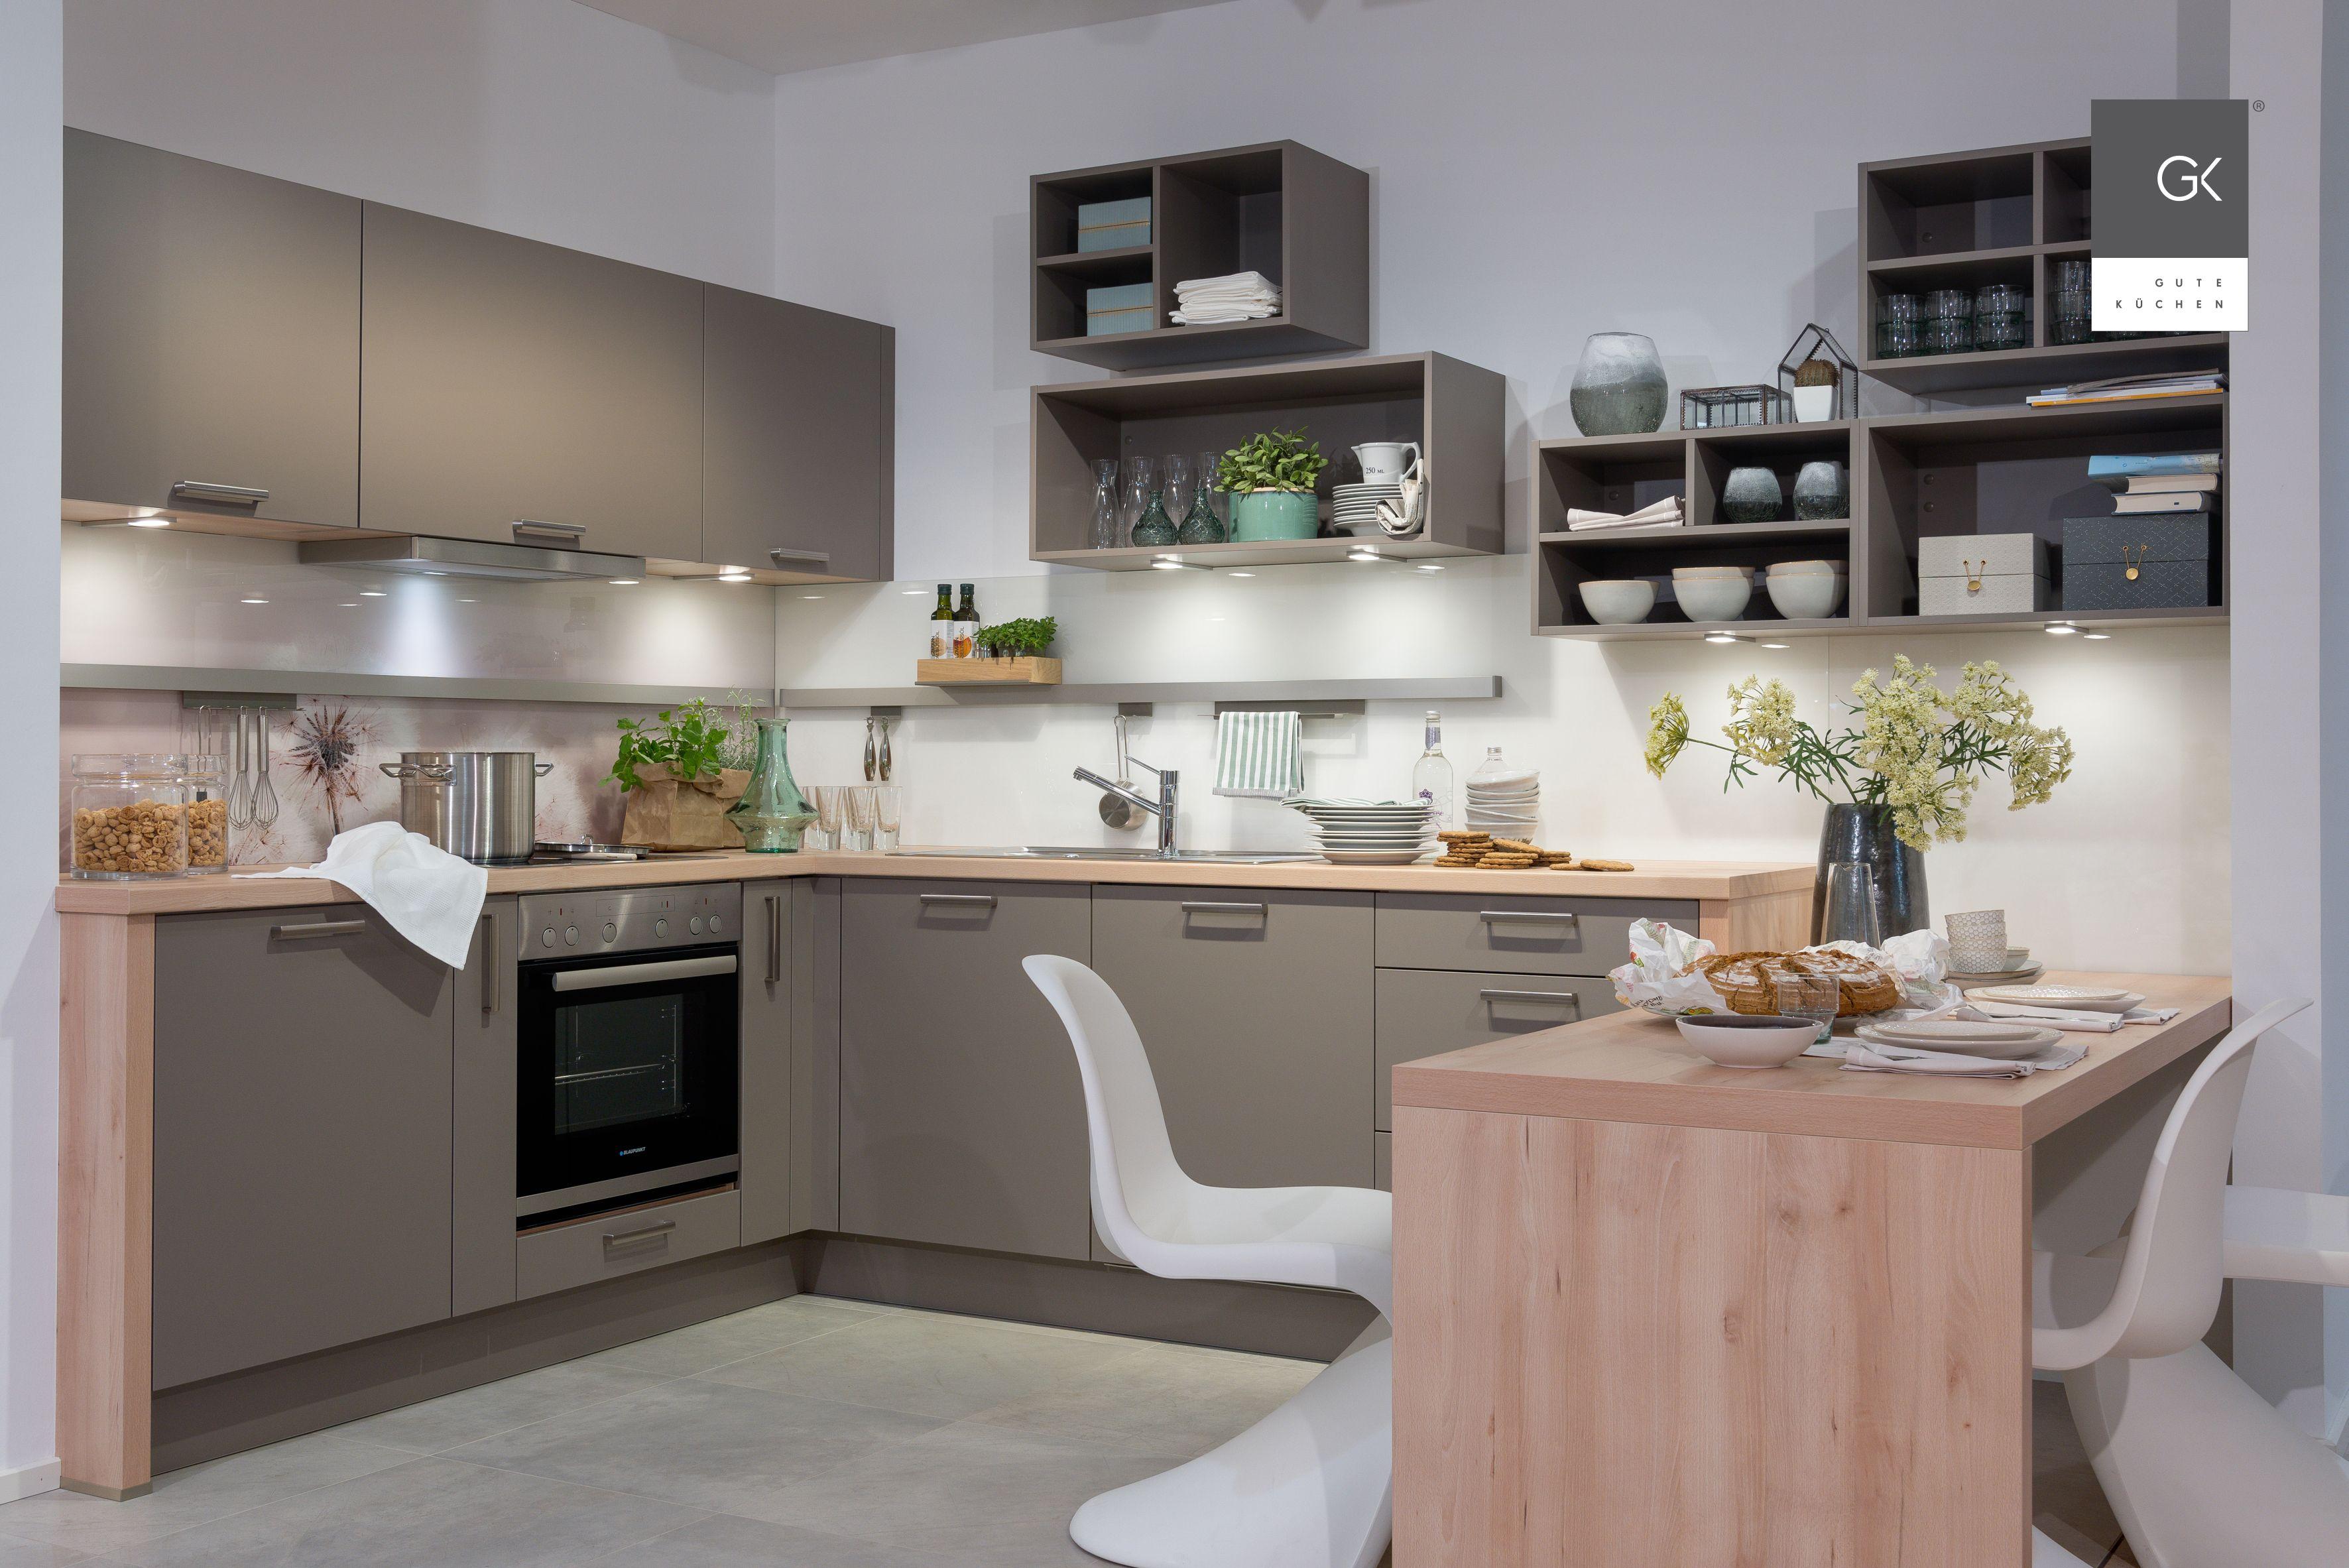 Gemütlich Küchendekor Ideen Themen Bilder - Ideen Für Die Küche ...